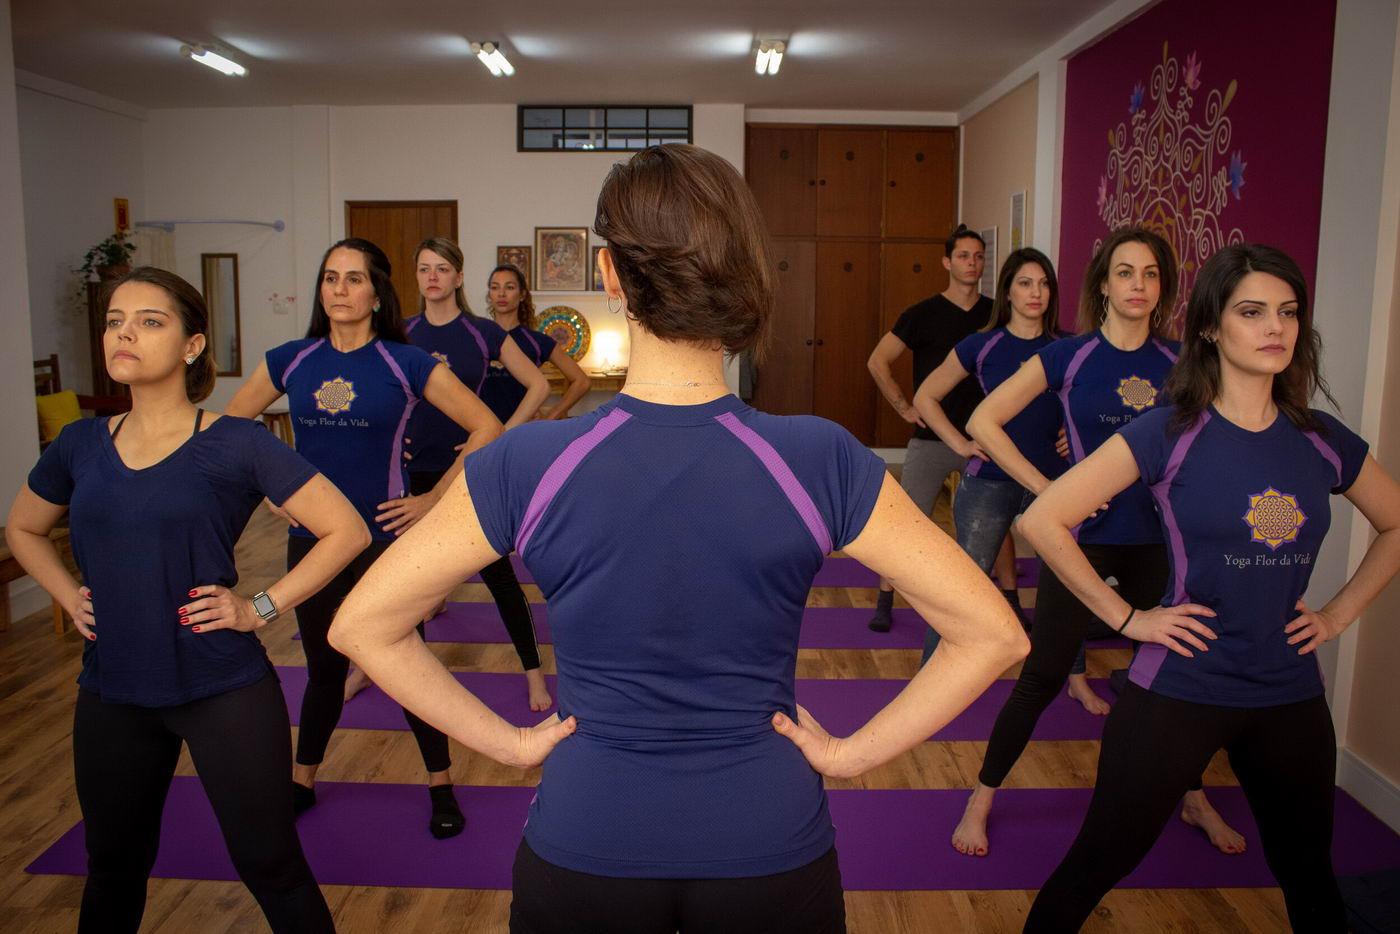 Yoga Flor Da Vida 62